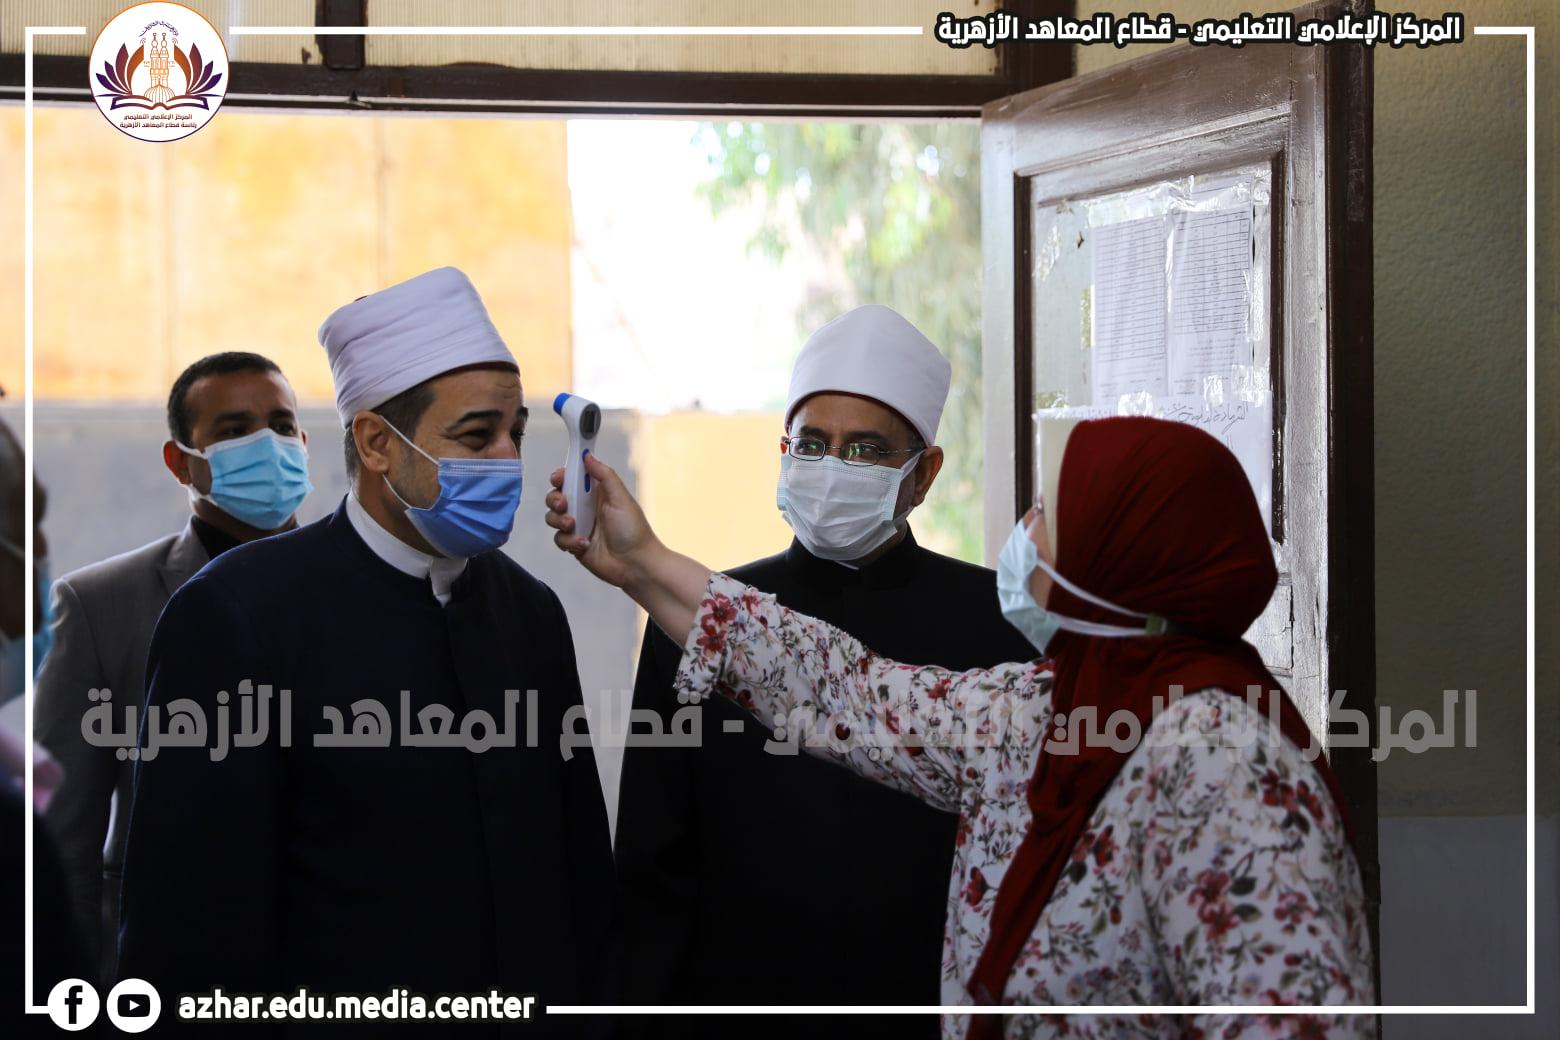 رئيس قطاع المعاهد الأزهرية يتفقد لجانَ الشهادةِ الثانويةِ الأزهرية في يومِها الثاني